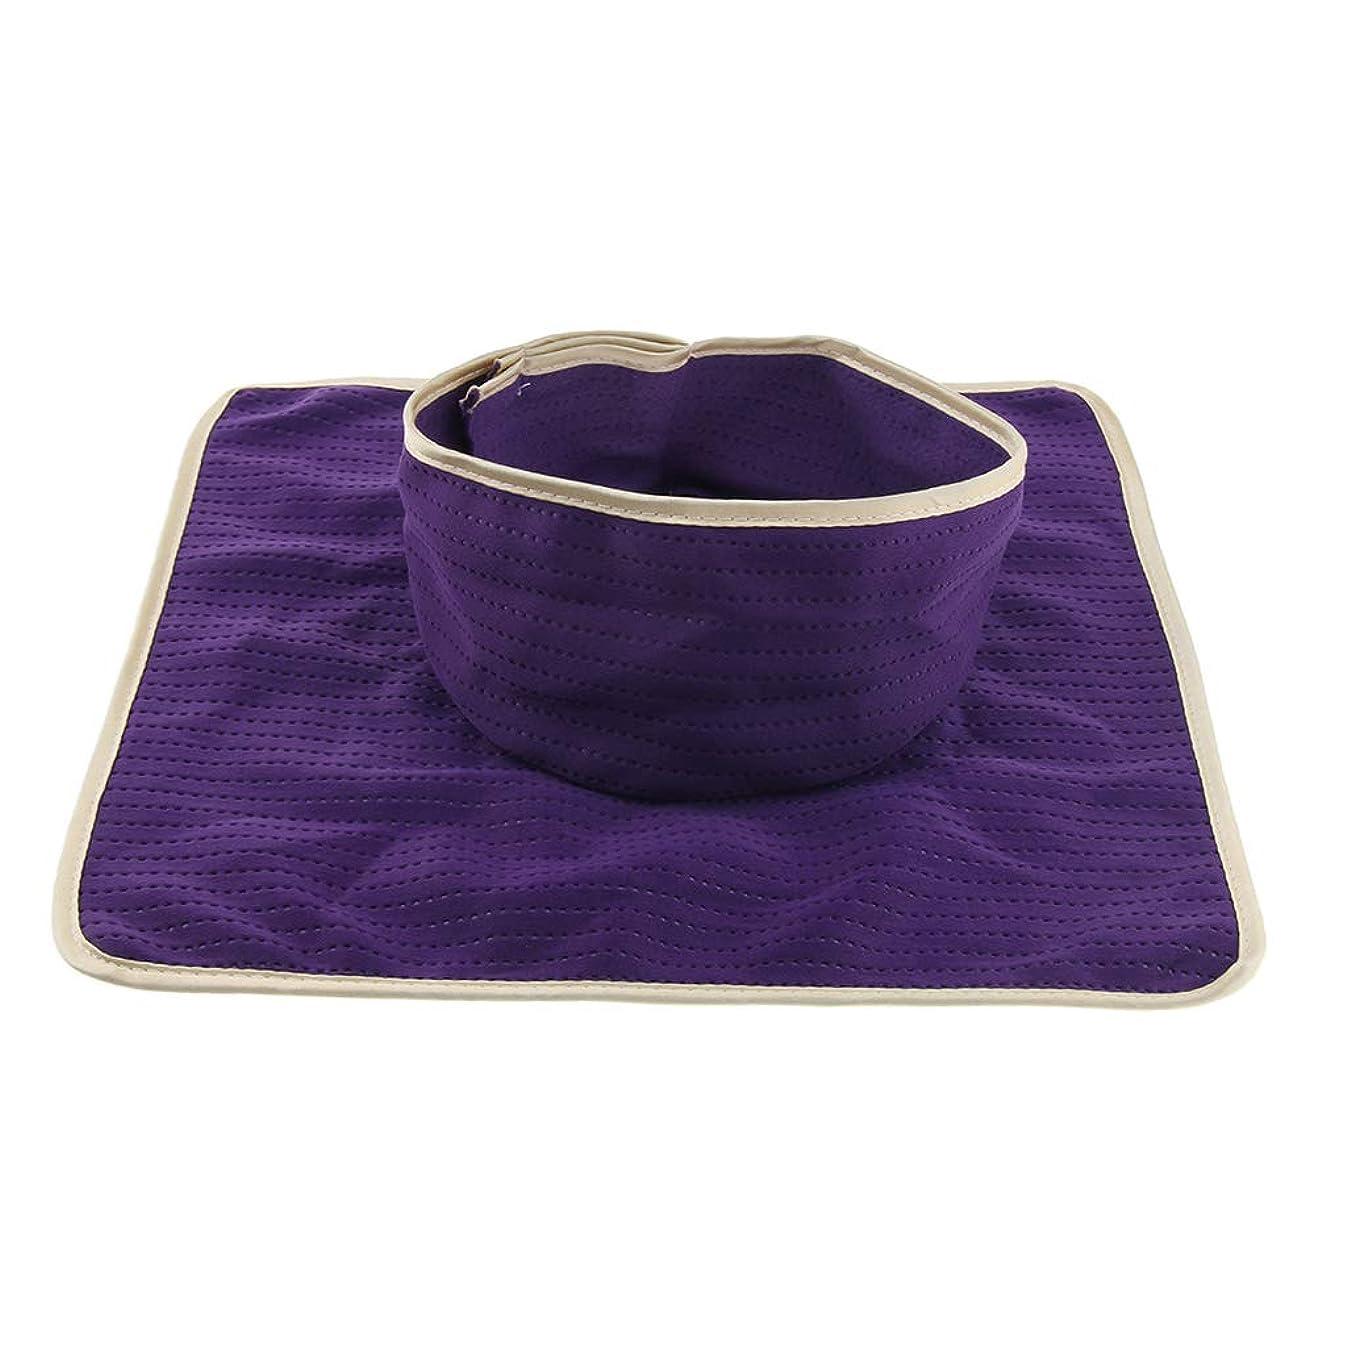 リズム火山学者廃止Baoblaze マッサージのベッド用 パッド マットシート 顔の穴付き 洗える 約35×35cm 全3色 - 紫